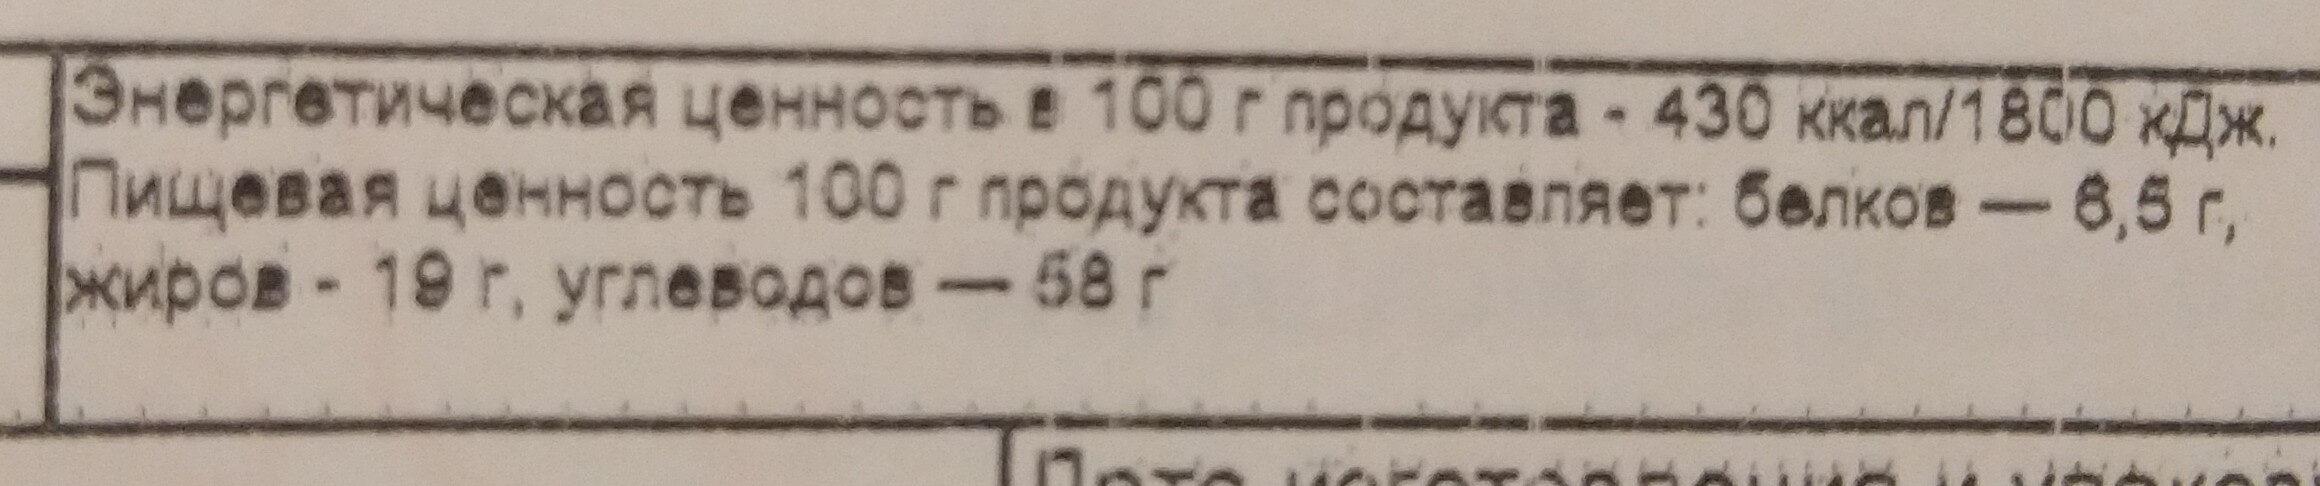 Сдобное печенье Фитнес-лен - Пищевая и энергетическая ценность - ru